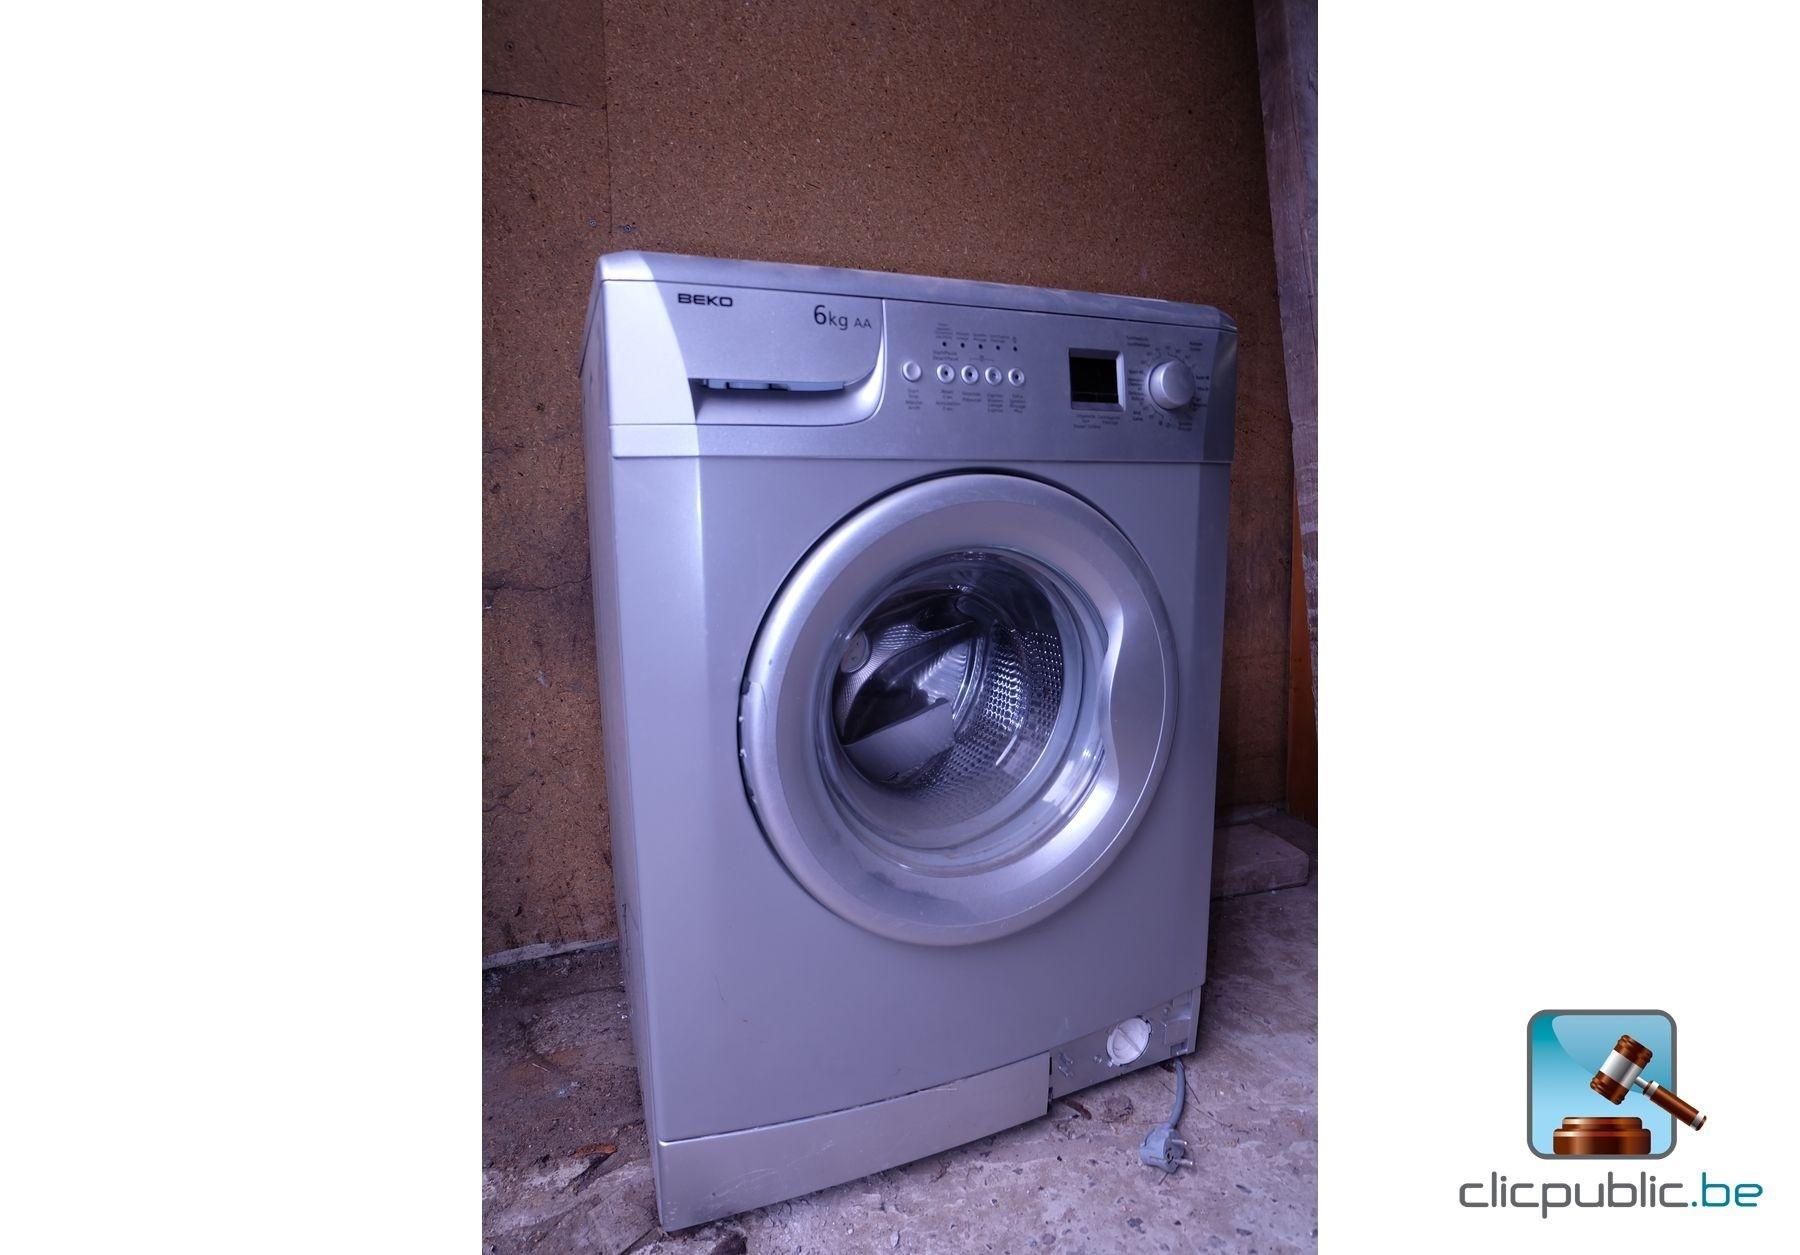 Machine laver beko s choir beko 6kg machine laver - Machine a laver sechoir 2 en 1 ...